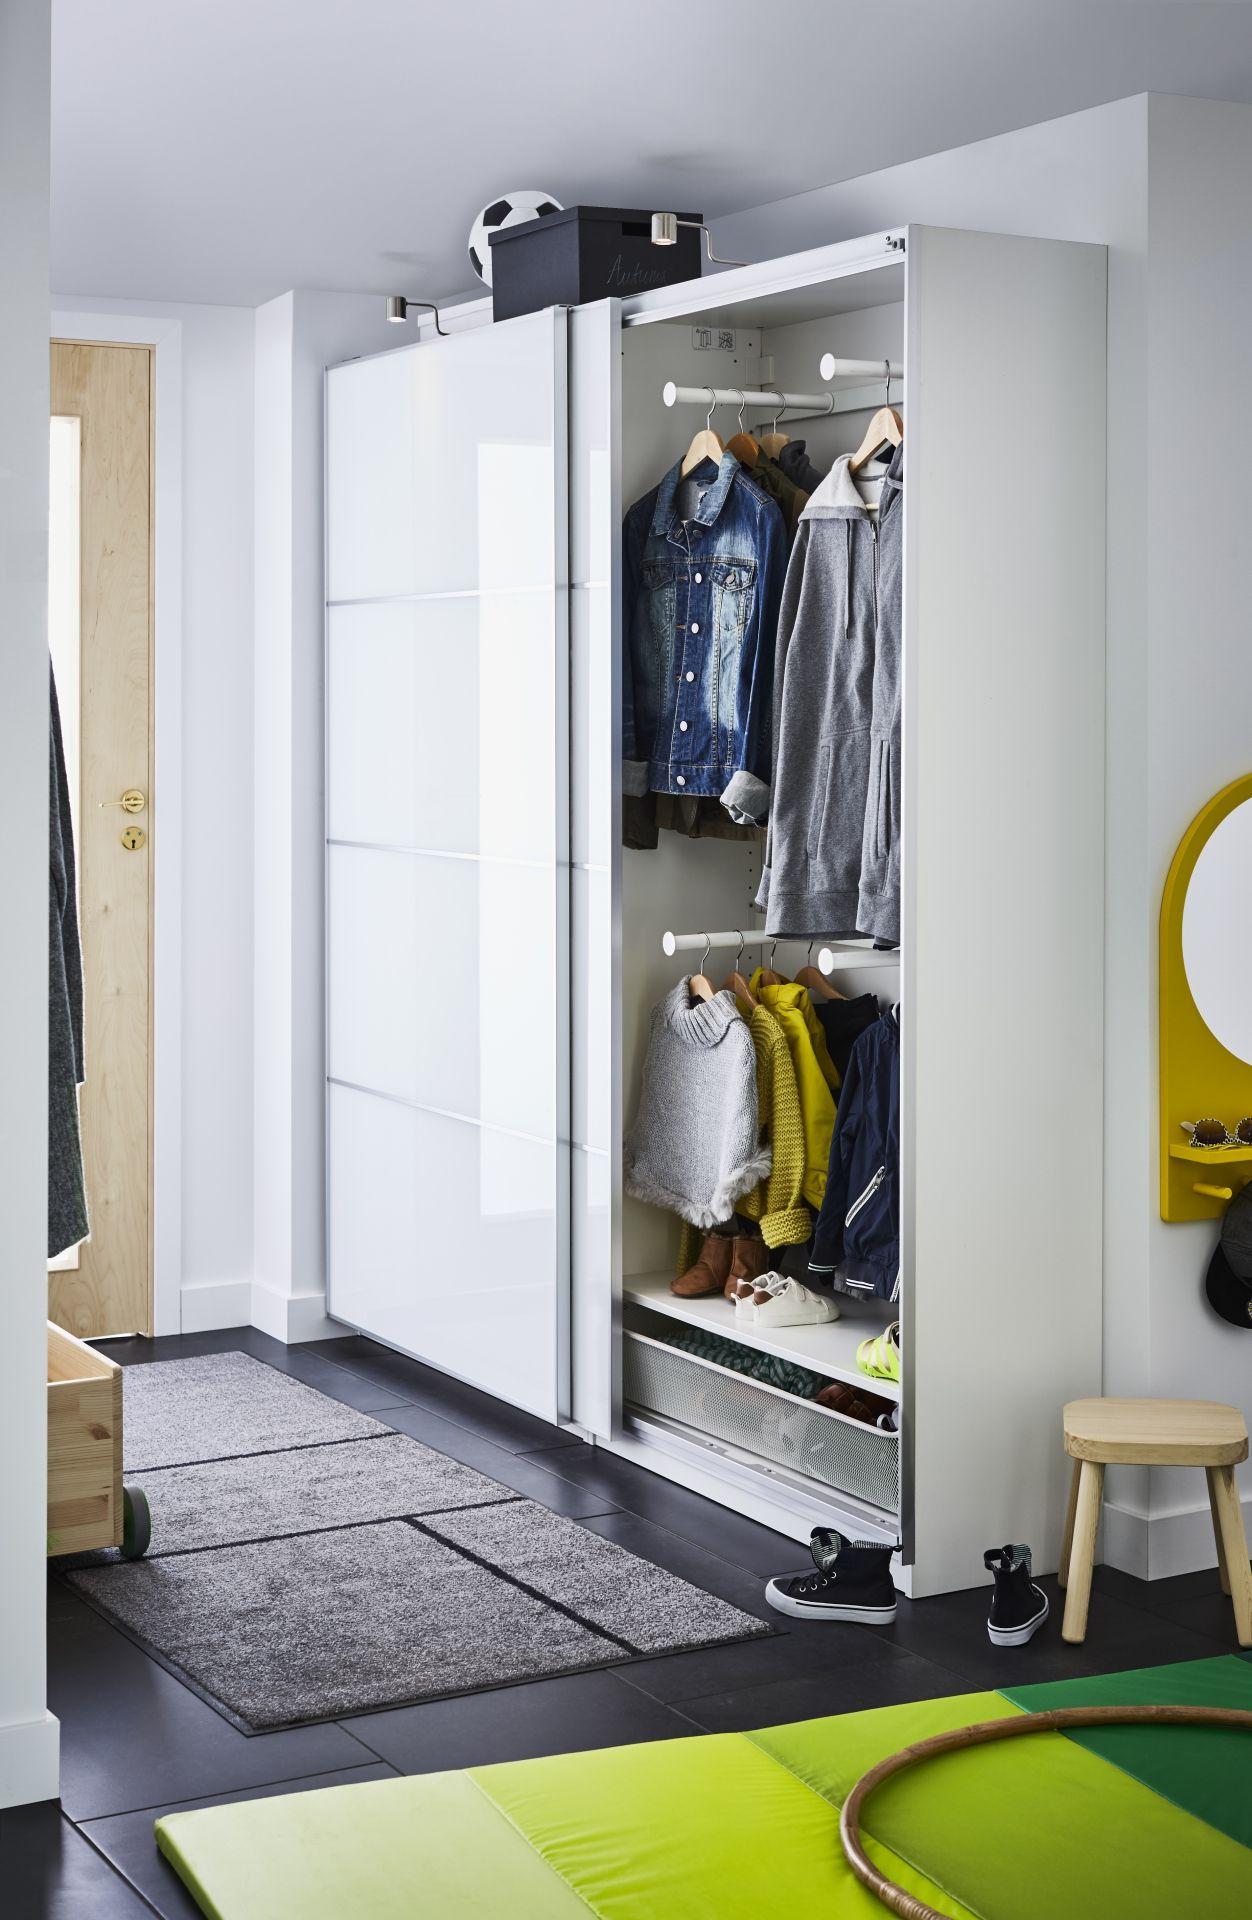 PAX garderobekast | IKEA IKEAnederland wooninspiratie inspiratie ...